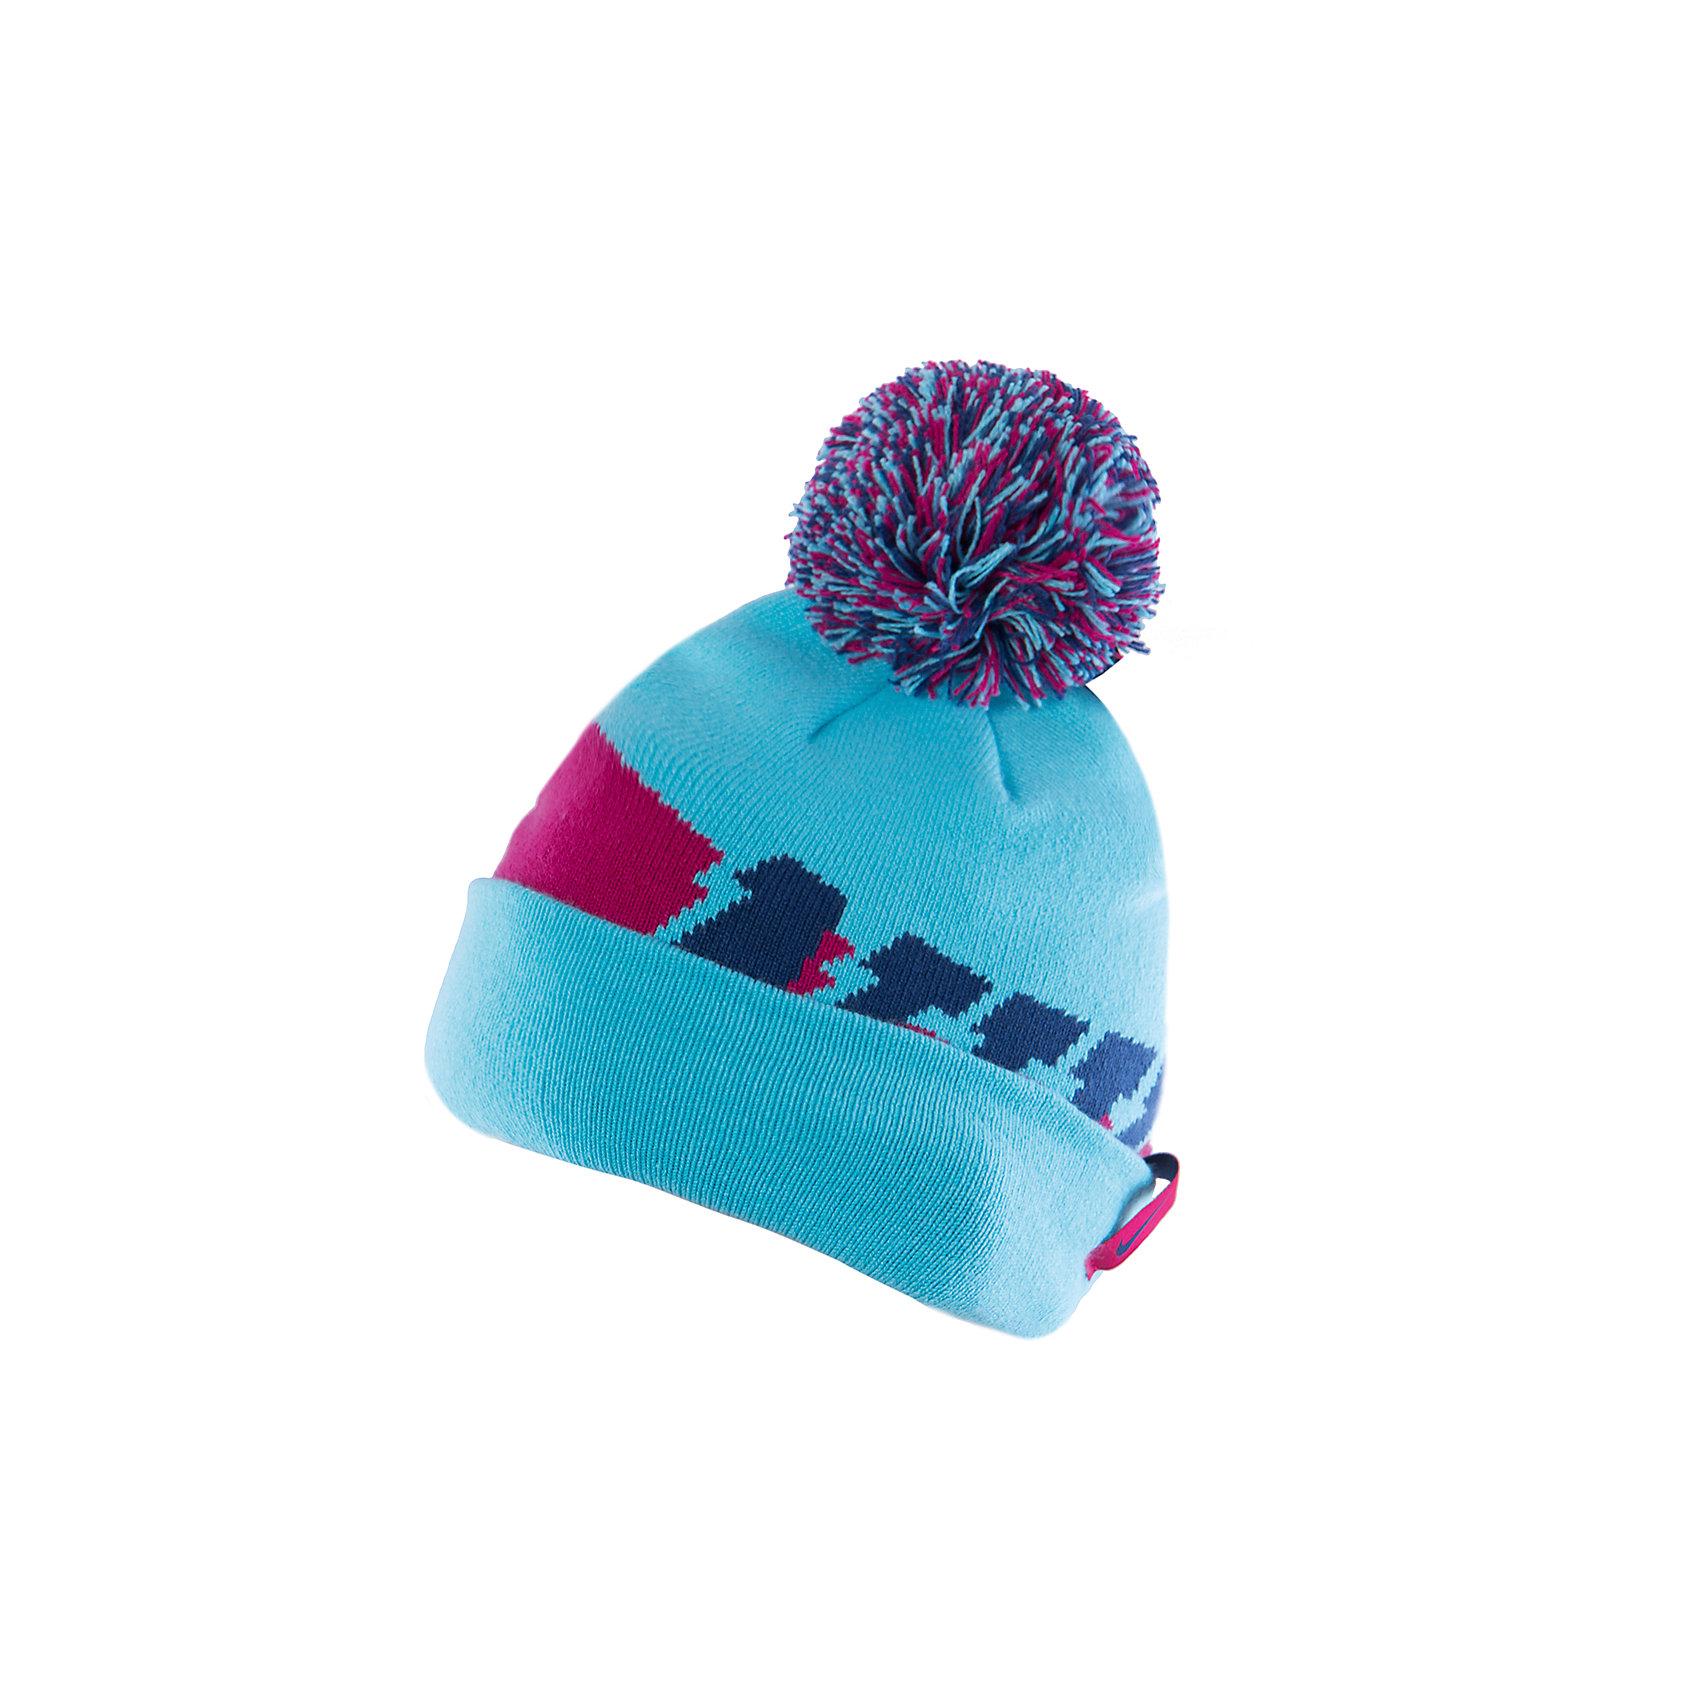 Шапка для мальчика NIKE SEASONAL POM BEANIE YTH NIKEГоловные уборы<br>Двусторонняя шапка  от известного бренда Nike выполнена из акрила, прекрасно сохраняет тепло, очень приятна к телу, не вытягивается. Шапка декорирована контрастным принтом и объемным помпоном. Прекрасный вариант для прохладной погоды! <br><br>Дополнительная информация:<br><br>- Двухсторонняя шапка.<br>- Цвет: синий, голубой, фуксия. <br>- Сезон: демисезонная.<br>- Температурный режим: от + 5? до 0? <br>- Декоративные элементы: помпон, логотип. <br>Параметры:<br>- Глубина: 22 см.<br><br>Состав:<br>акрил 96%, нейлон 3%, эластан, 1%<br><br>Шапку для мальчика NIKE SEASONAL POM BEANIE YTH, NIKE (Найк) можно купить в нашем магазине.<br><br>Ширина мм: 89<br>Глубина мм: 117<br>Высота мм: 44<br>Вес г: 155<br>Цвет: голубой<br>Возраст от месяцев: 84<br>Возраст до месяцев: 144<br>Пол: Мужской<br>Возраст: Детский<br>Размер: one size<br>SKU: 4233491